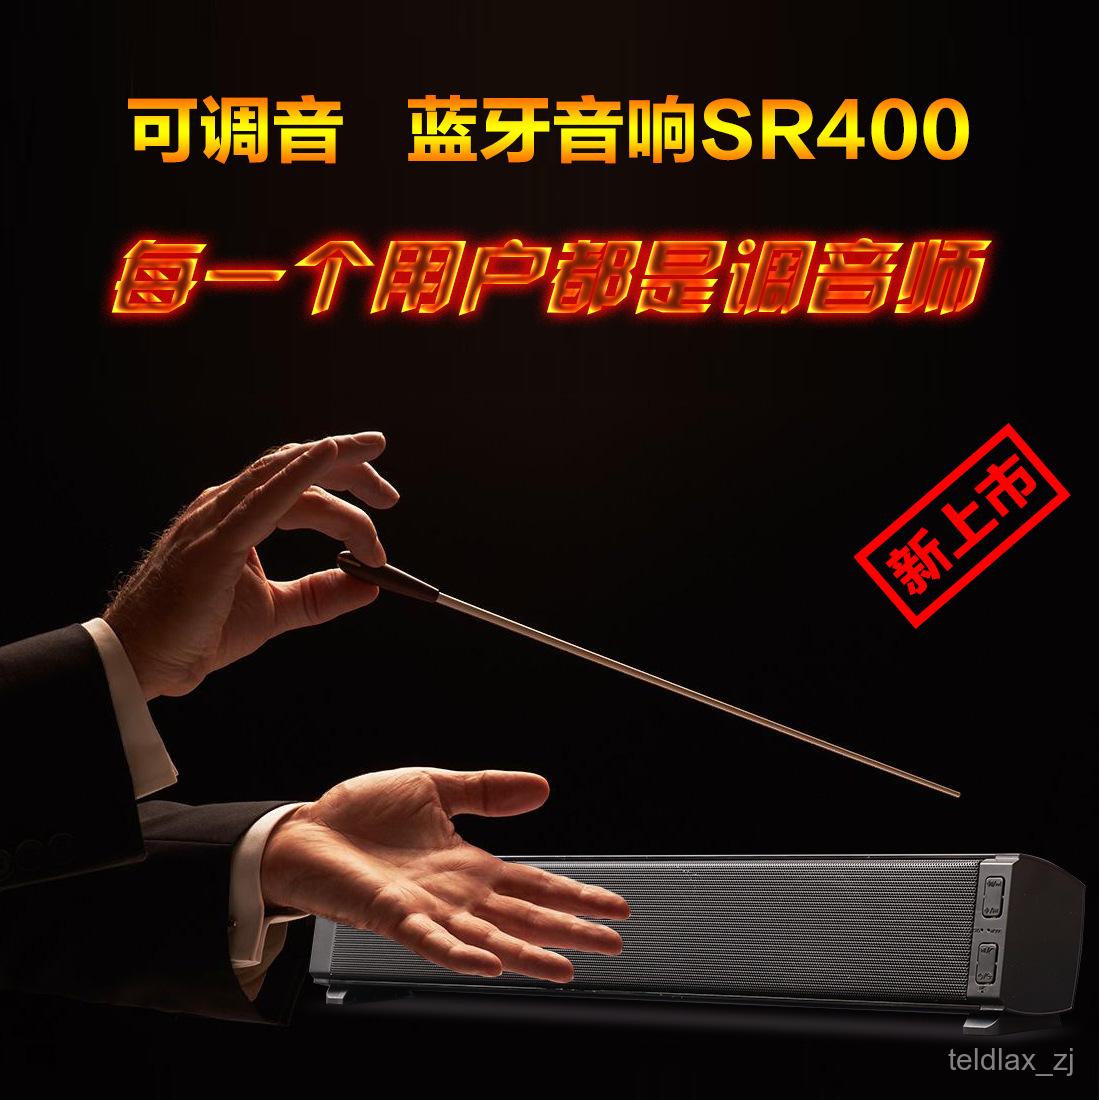 台灣熱銷現貨新爆款回音壁SOUNDBAR聲霸藍牙音箱桌面音響大功率戶外低音炮電競喇叭 藍芽喇叭 無線喇叭 重低音